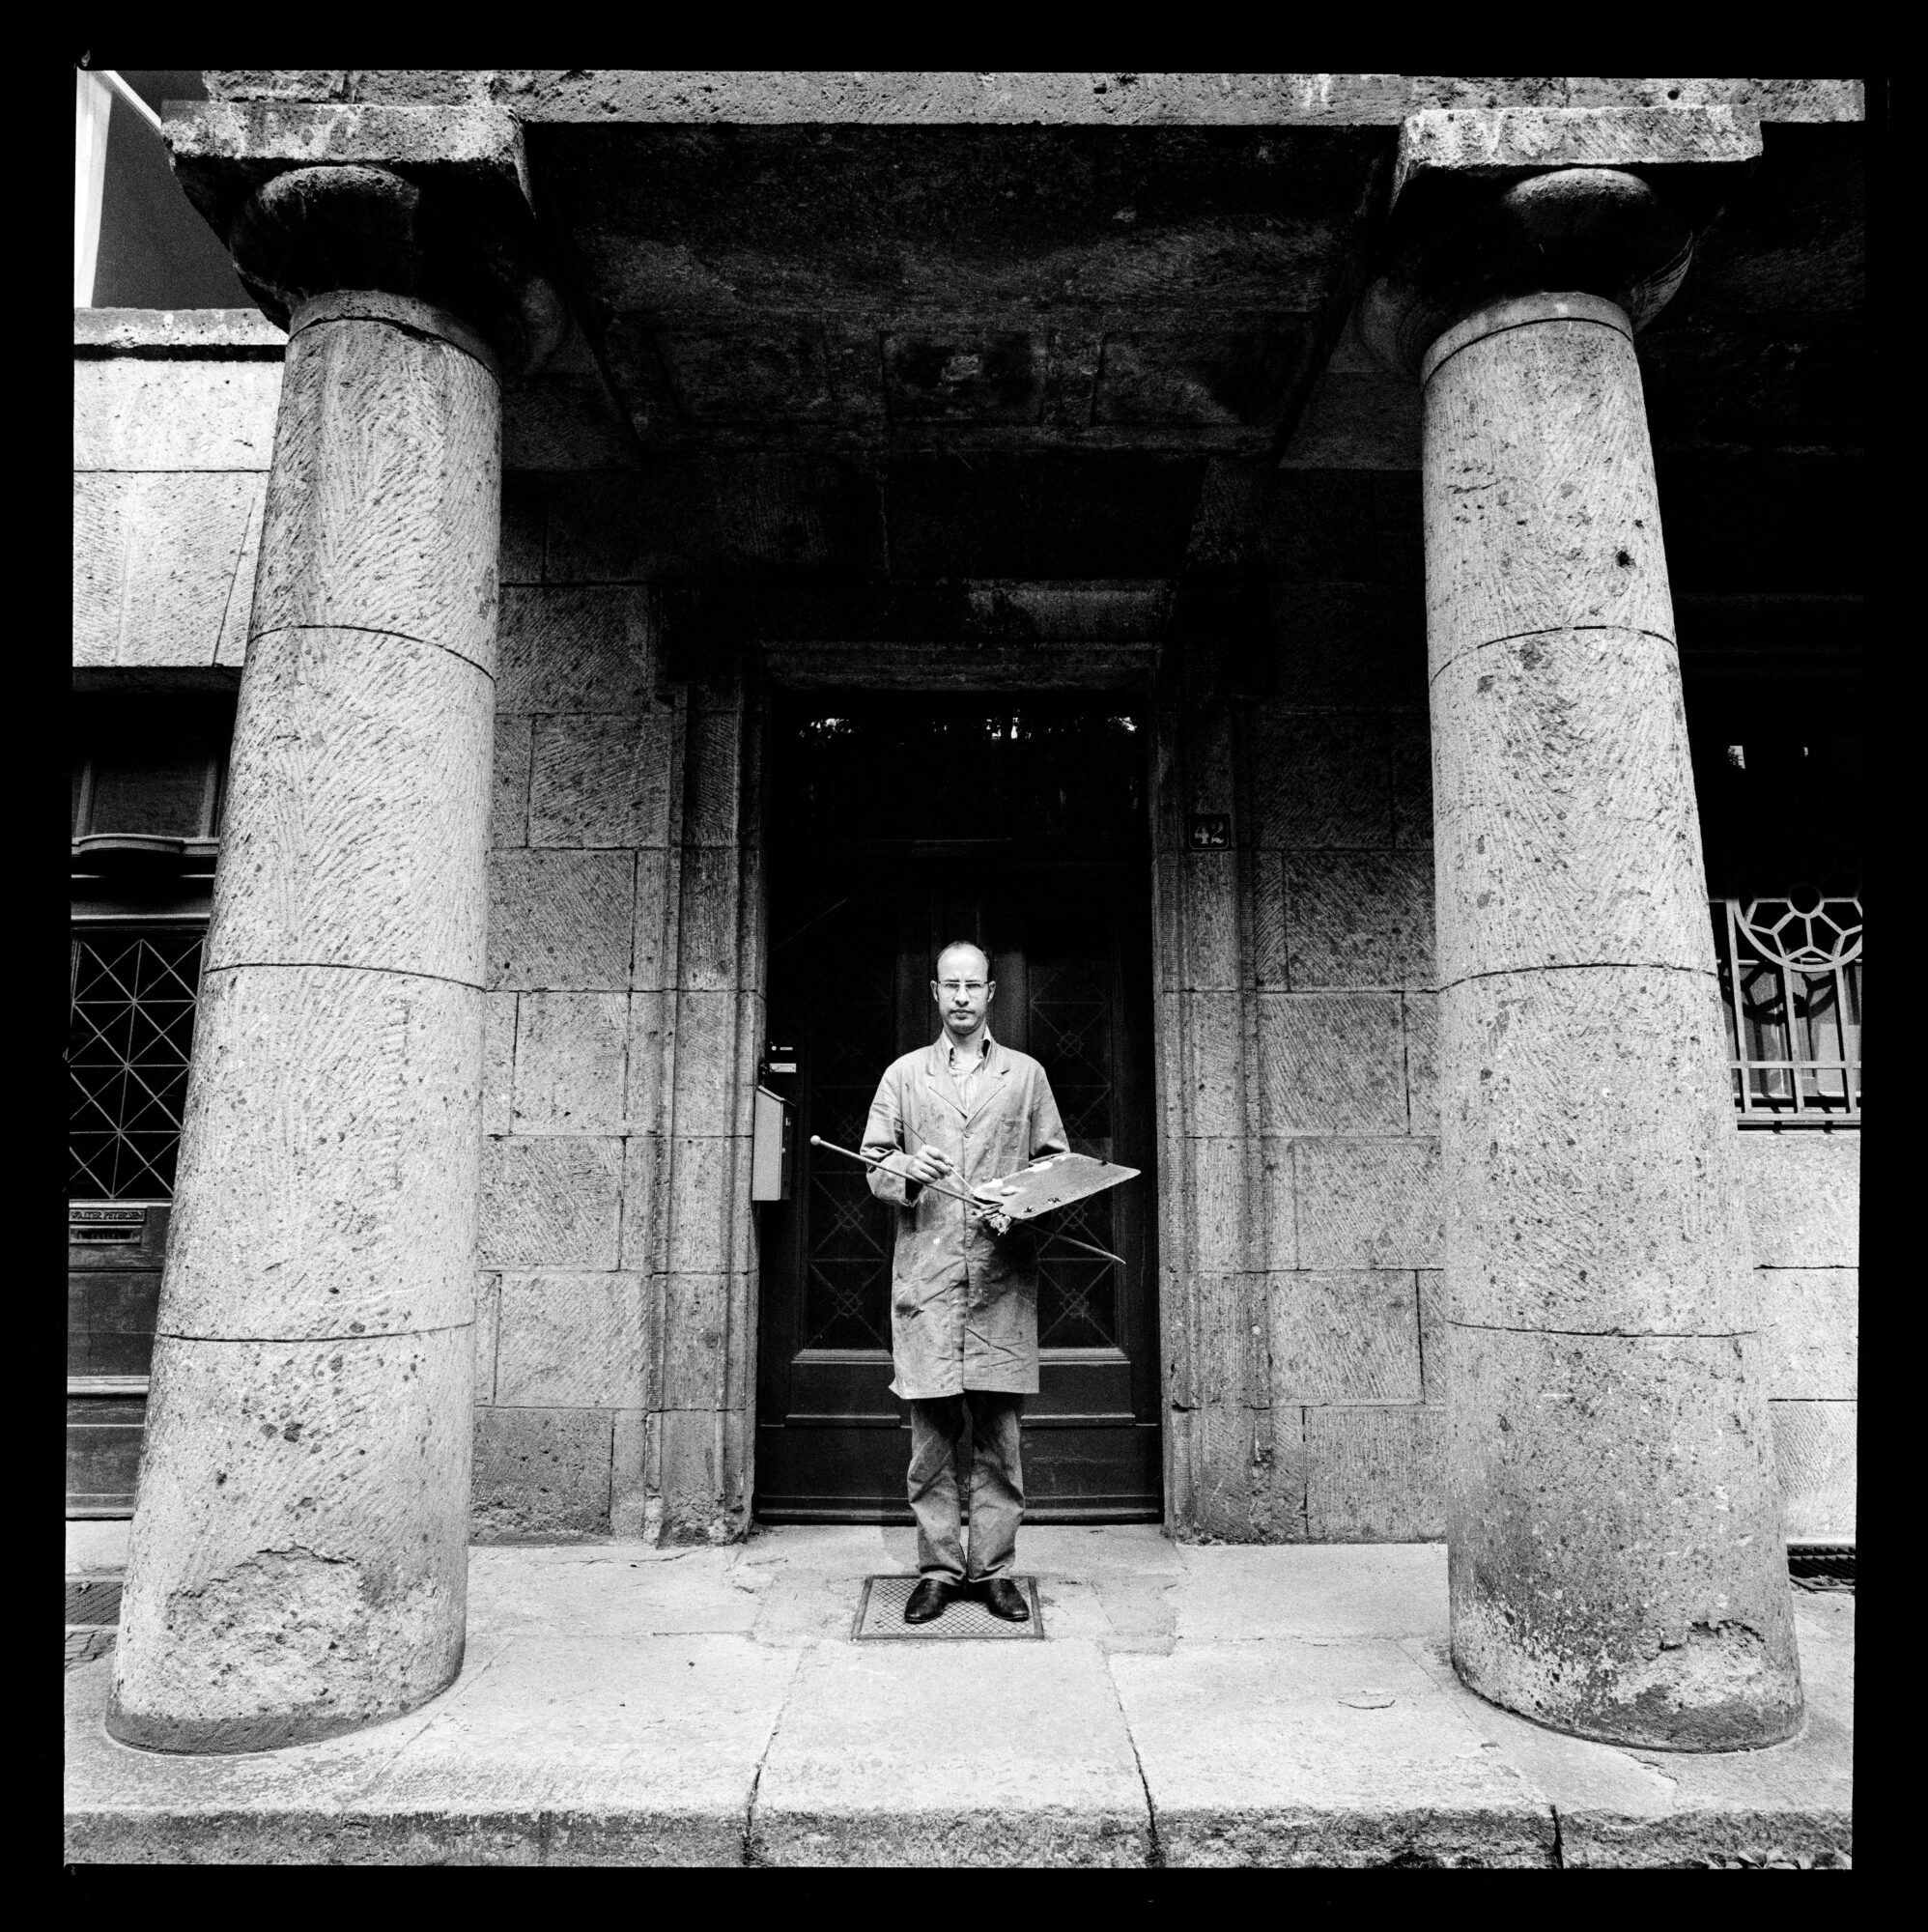 Zomerexpositie Museum MORE toont werk van Konrad Klapheck: Zestig jaar kunstenaarschap in zestig werken